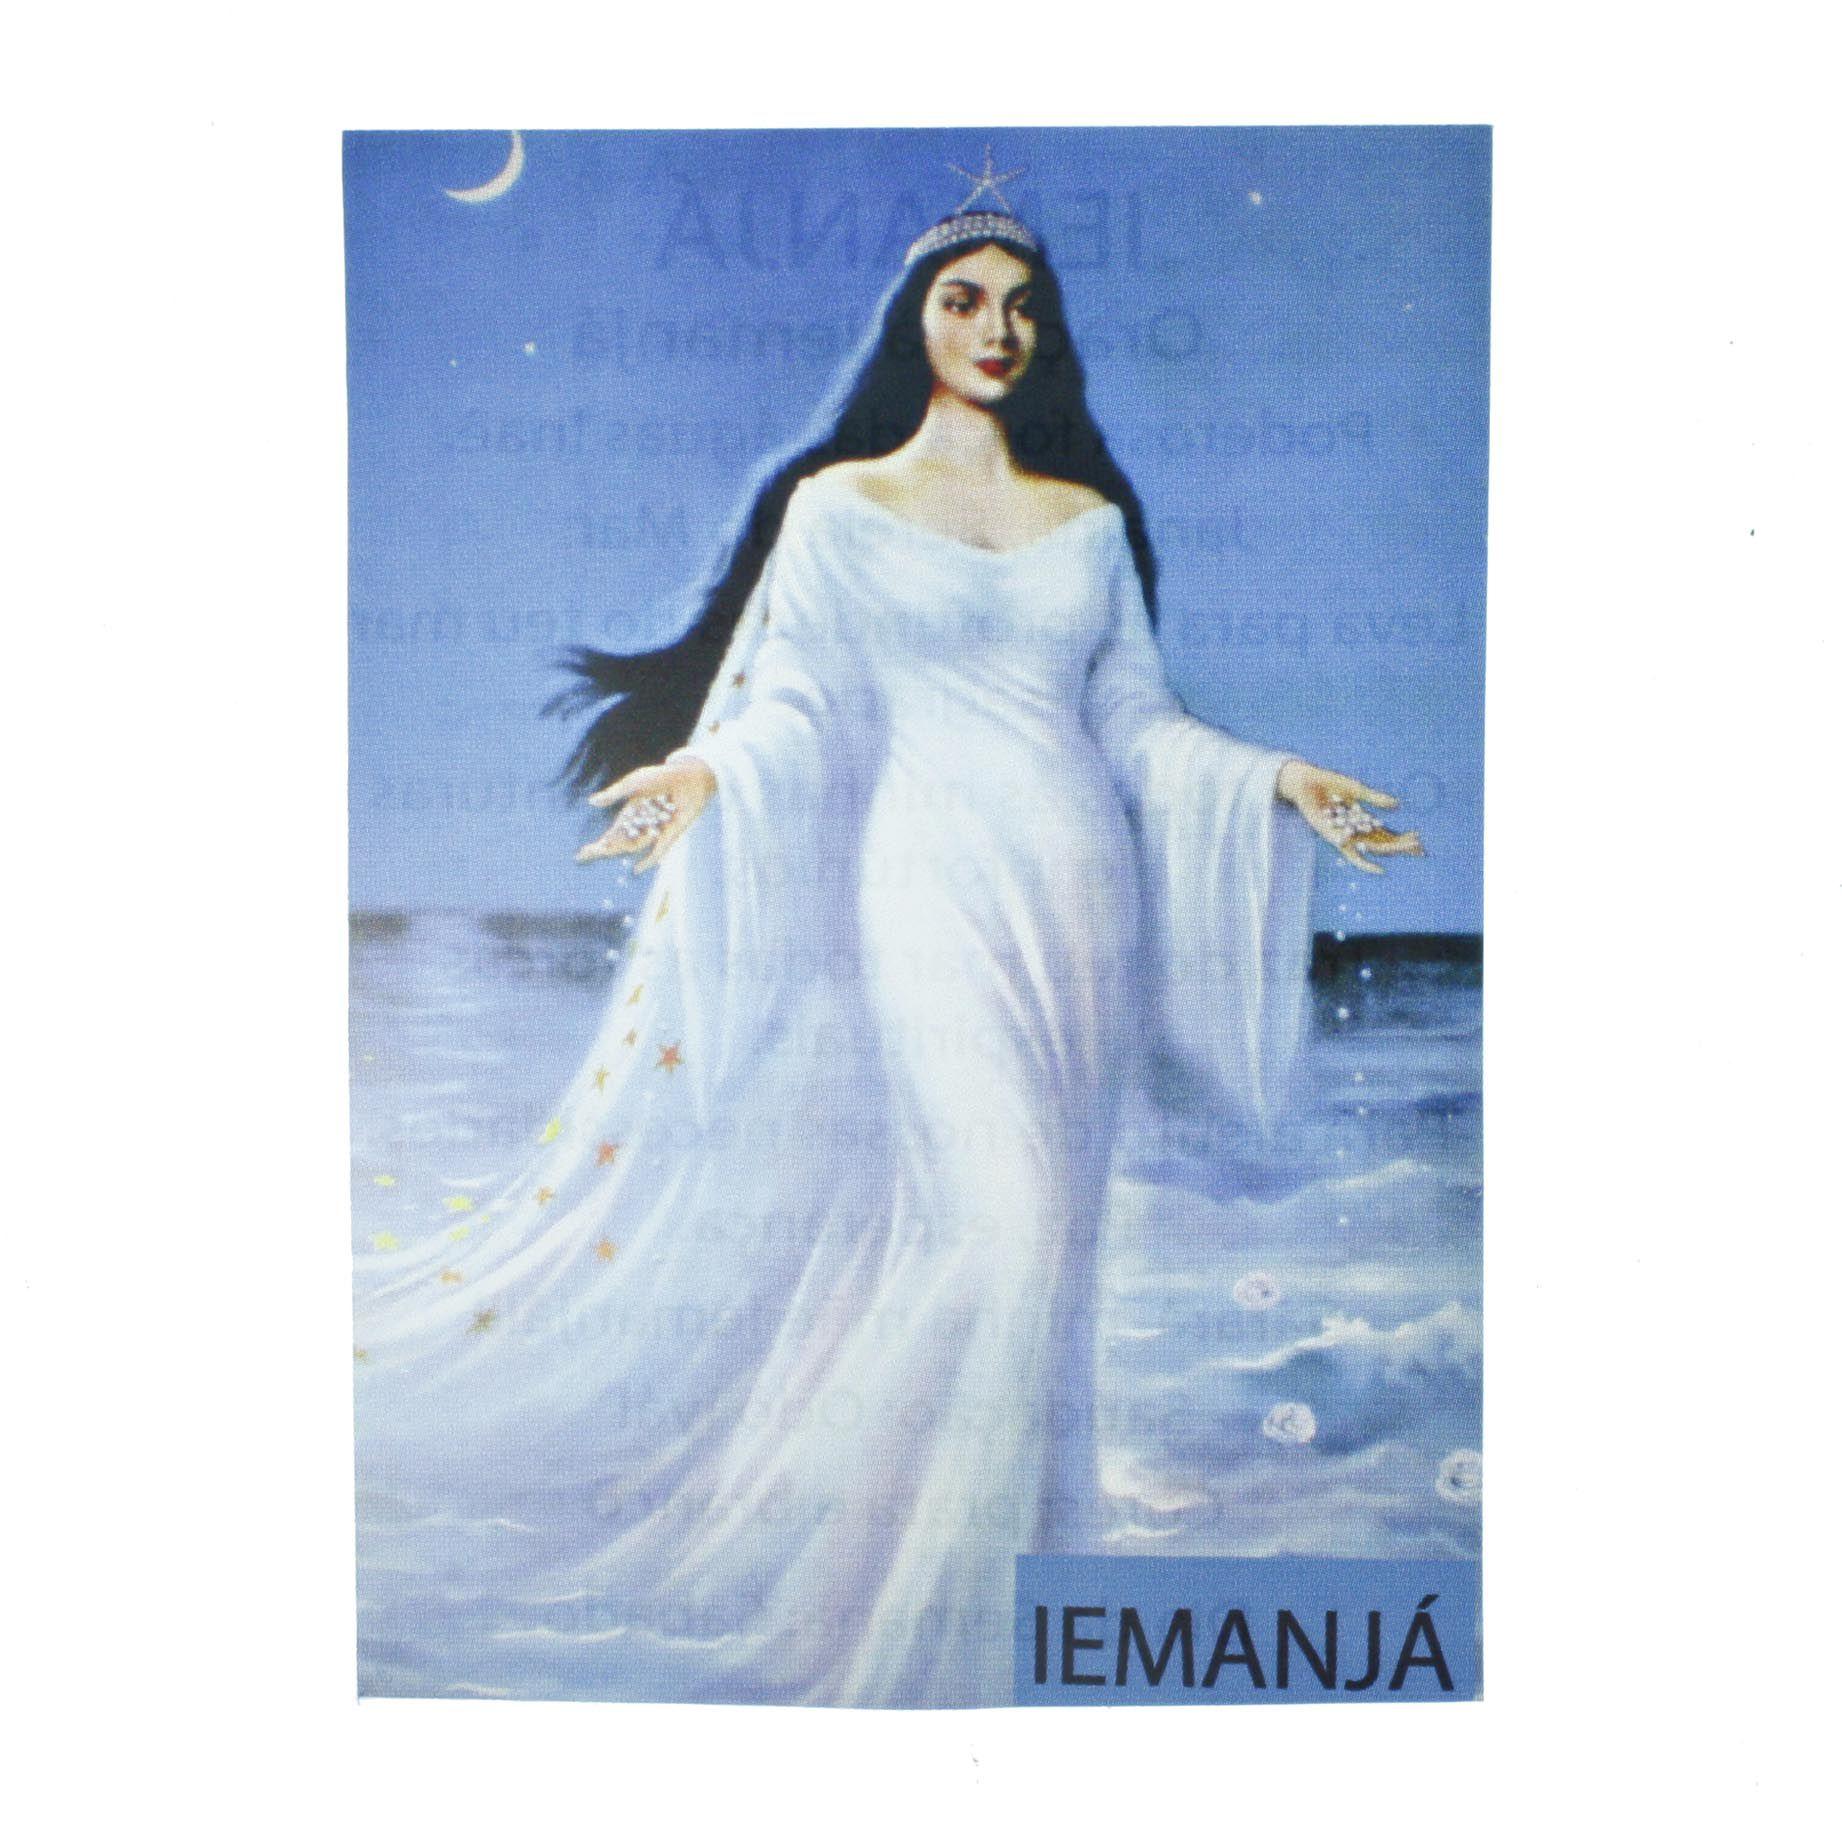 Medalha Iemanjá + Folheto  - Universo Religioso® - Artigos de Umbanda e Candomblé